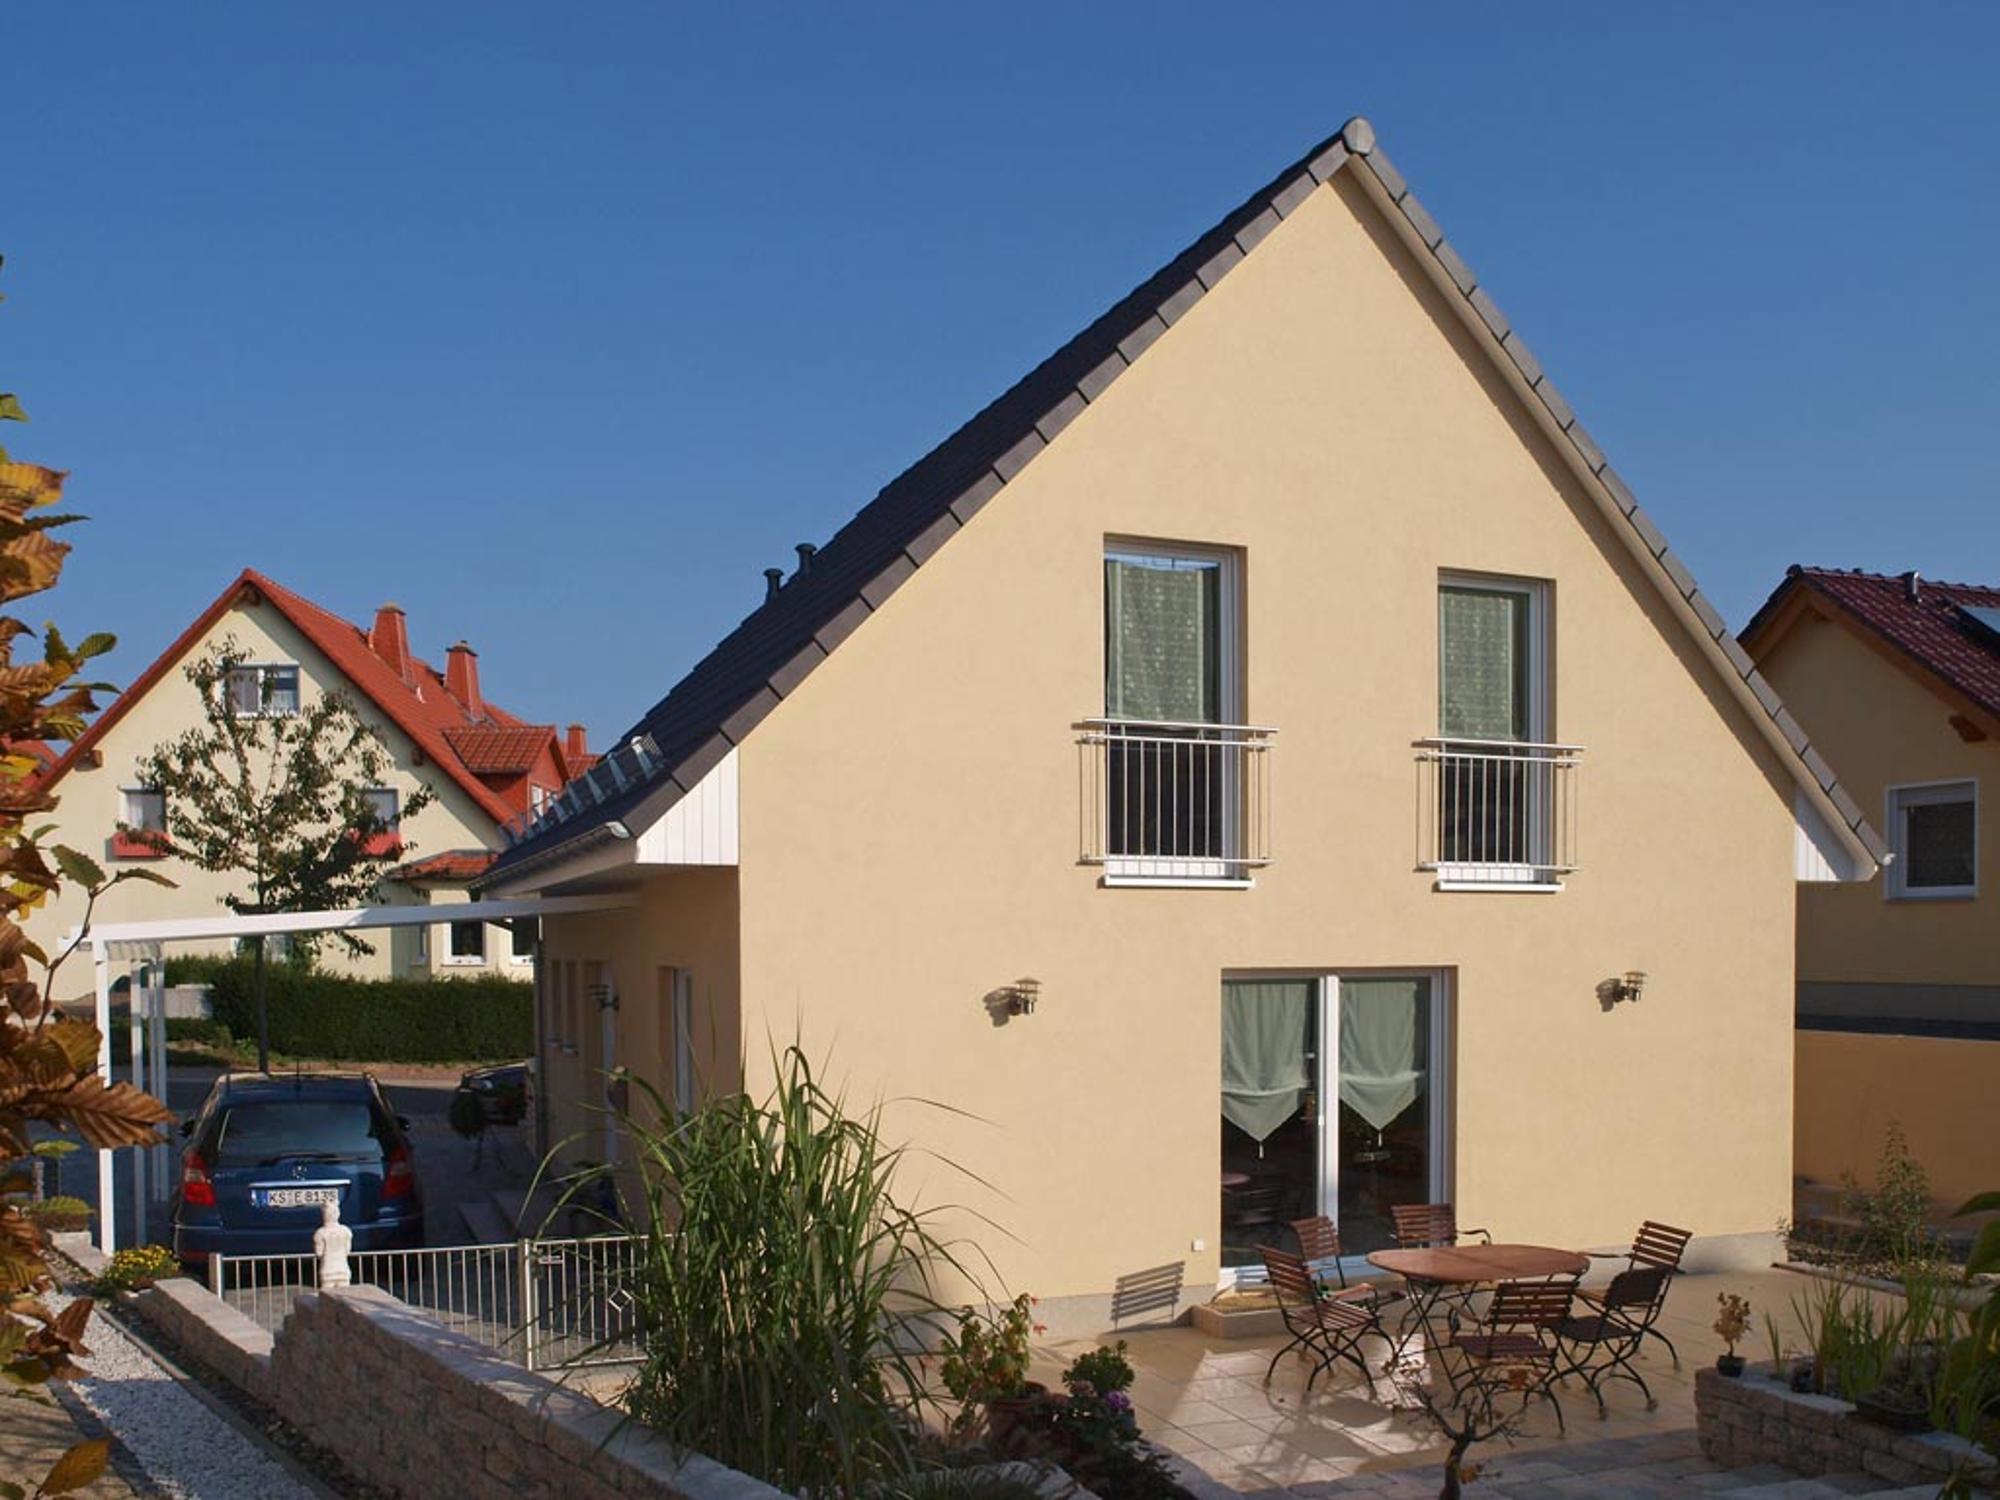 Innenarchitektur Heinz Von Heiden Häuser Preise Foto Von Nach Der Sonne Ausgerichtet: Das Nutzt Die